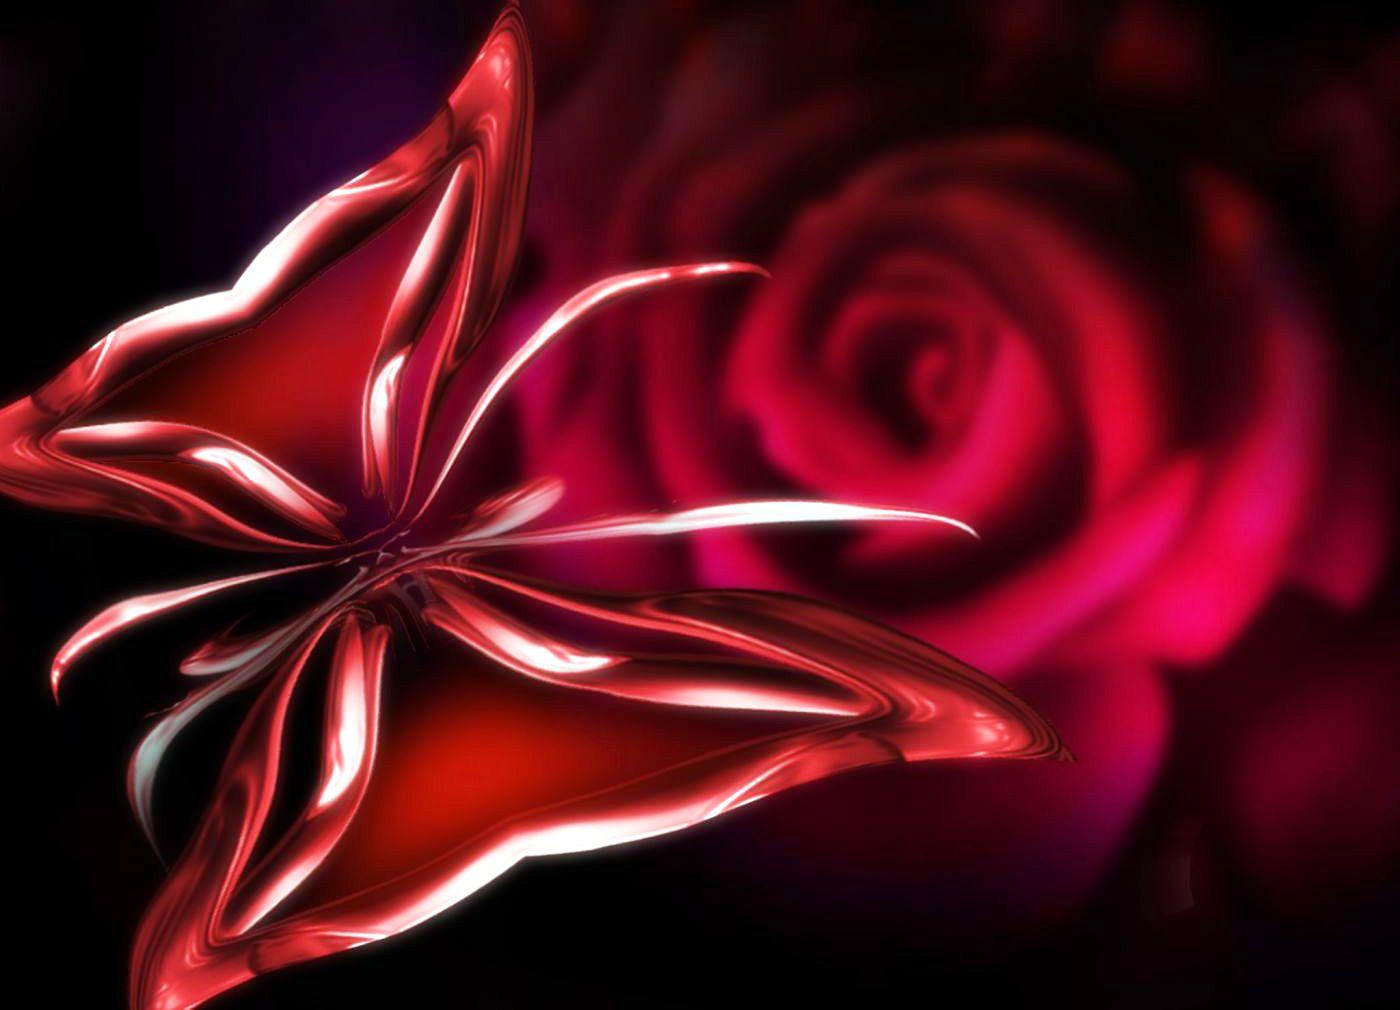 http://3.bp.blogspot.com/-17_Pj3oG7_E/TjrGF1sH1pI/AAAAAAAADVs/rTRm1Qpn-1E/s1600/161479_Papel-de-Parede-Borboleta-Vermelha--161479_1400x1050.jpg